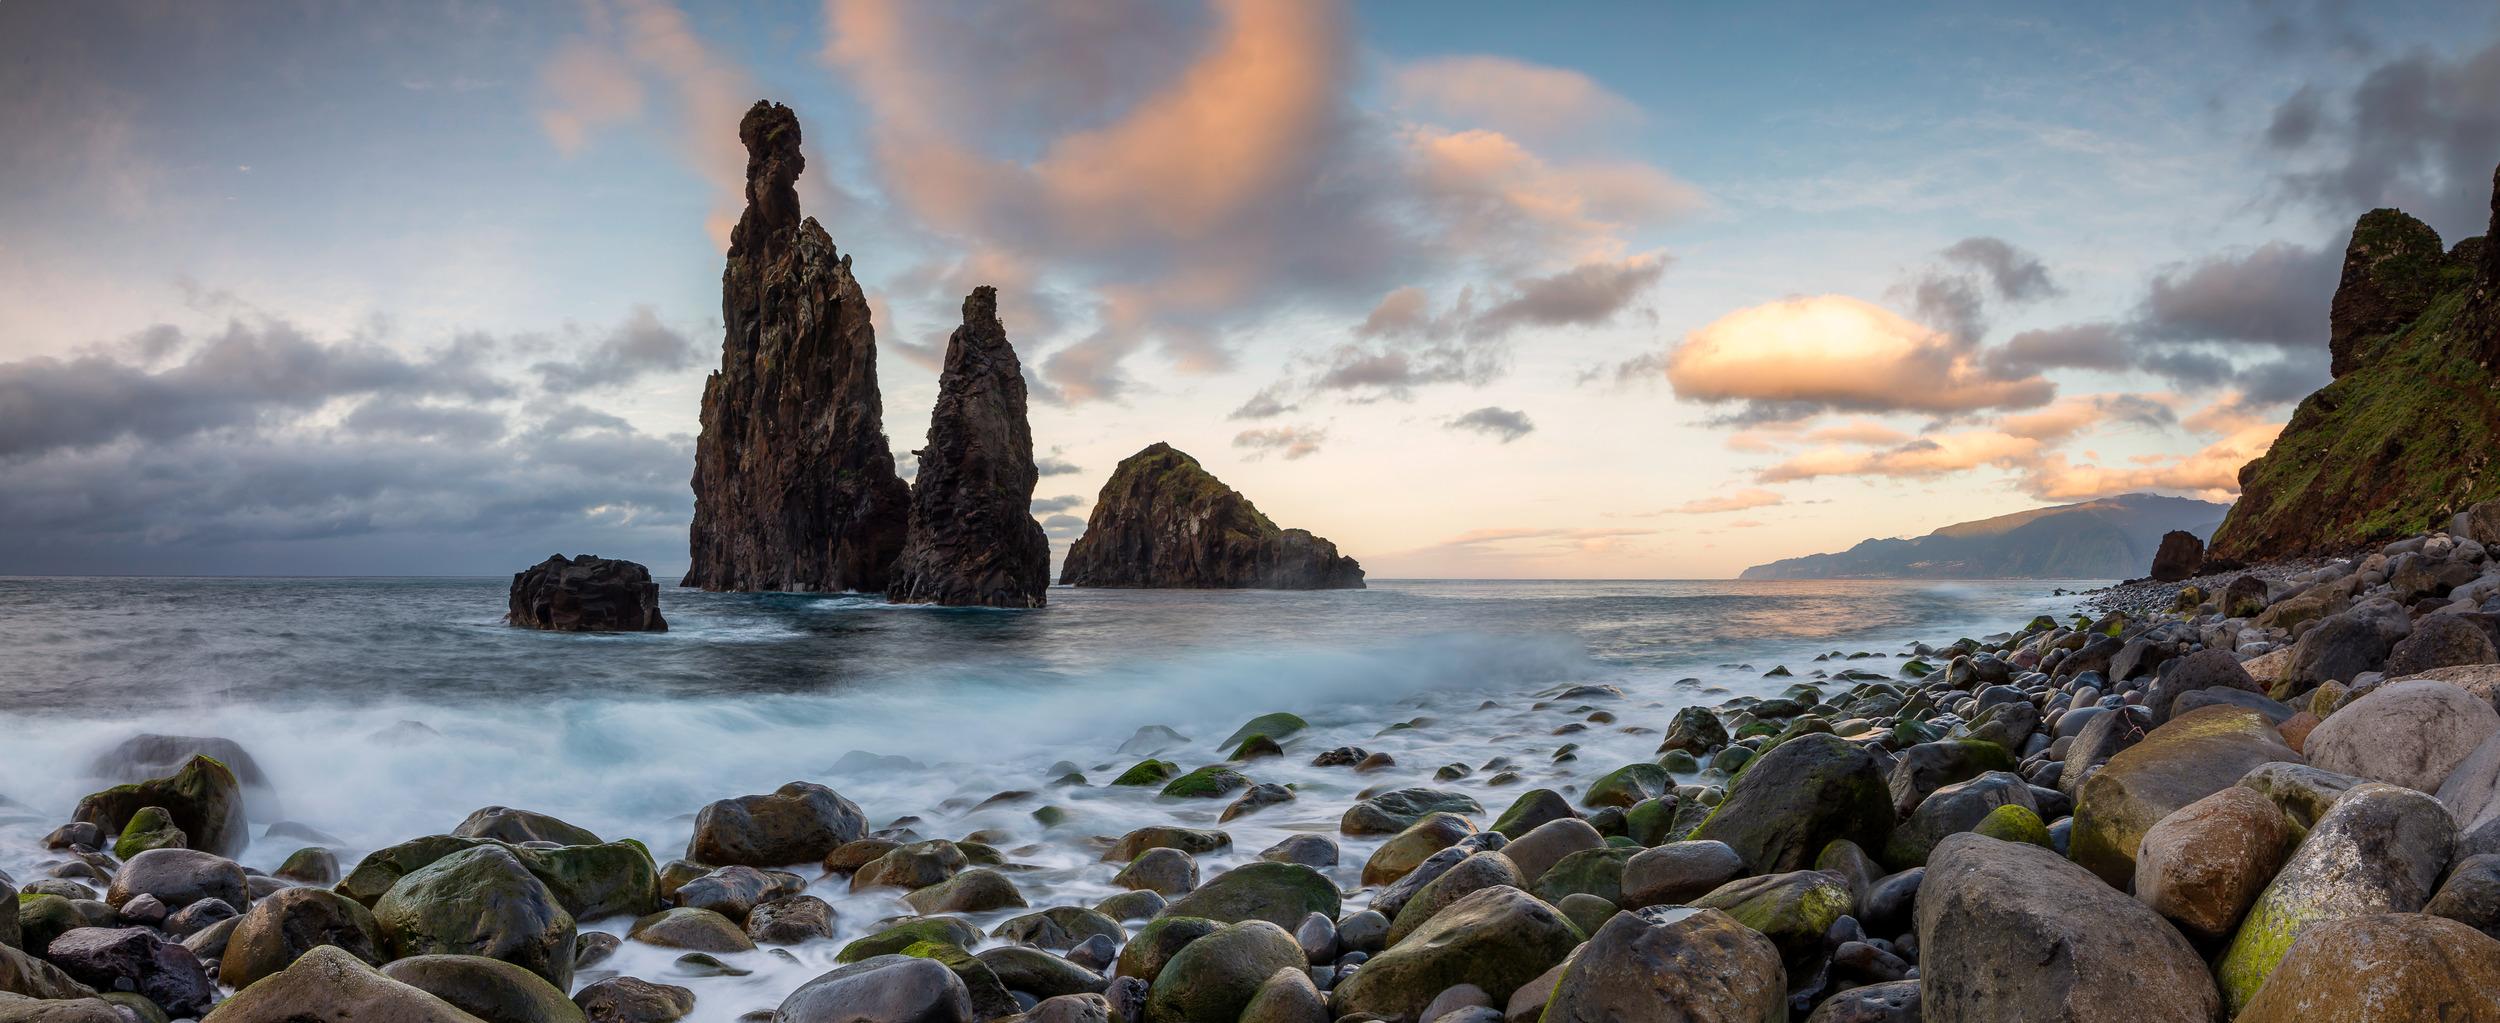 PEBBLE BEACH – RIBEIRA DA JANELA - Schöne Landschaft Bilder kaufen | Stimmungs Foto als Fineart by Stefan Somogyi Fotografie